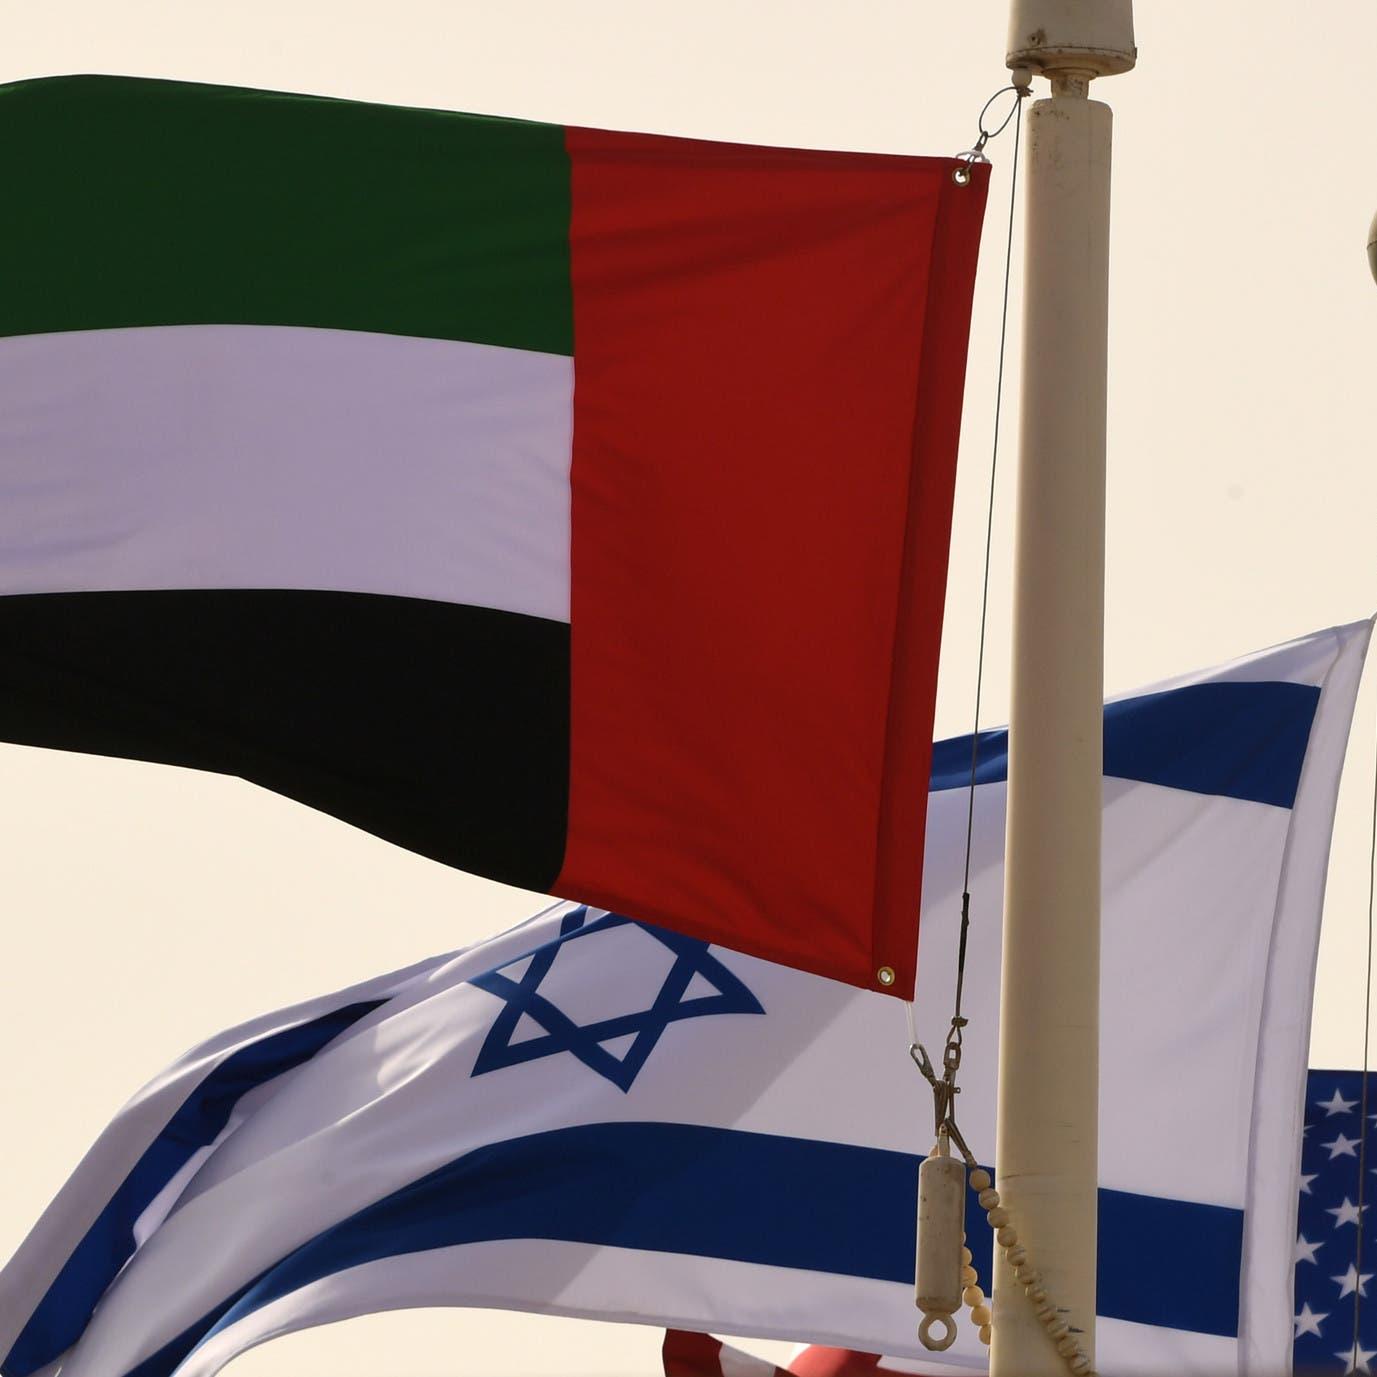 سوق أبوظبي للأوراق المالية توقع مذكرة تفاهم مع بورصة تل أبيب